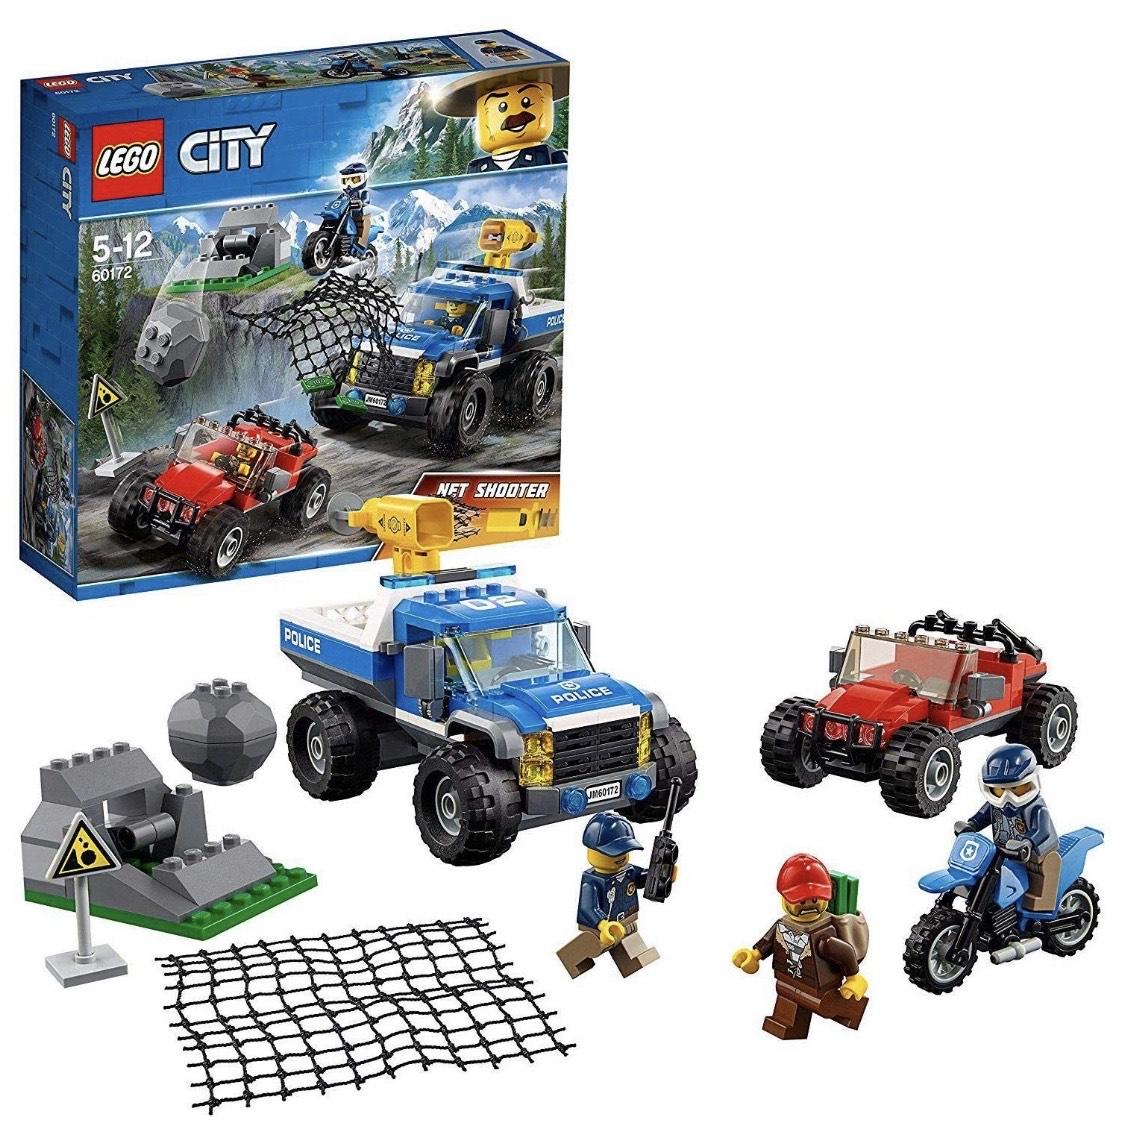 [PRIME] LEGO City 60172 - Bergpolizei Verfolgungsjagd auf Schotterpisten, Unterhaltungsspielzeug